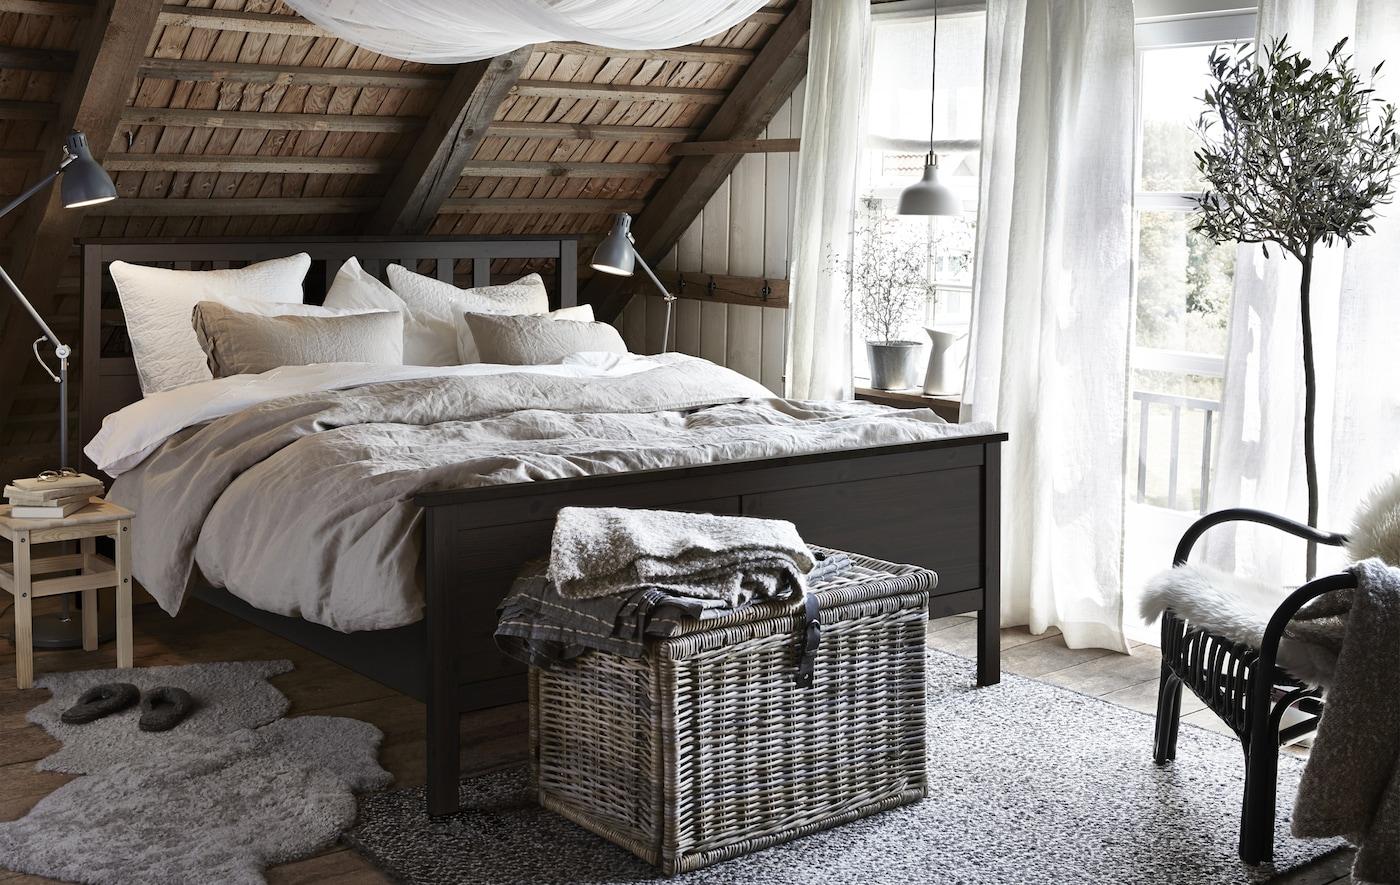 Chambres à coucher rustique avec cadre de lit HEMNES noir-brun, panier en wicker, peaux de mouton posées sur le sol et plafond en sous-pente lambrissé.